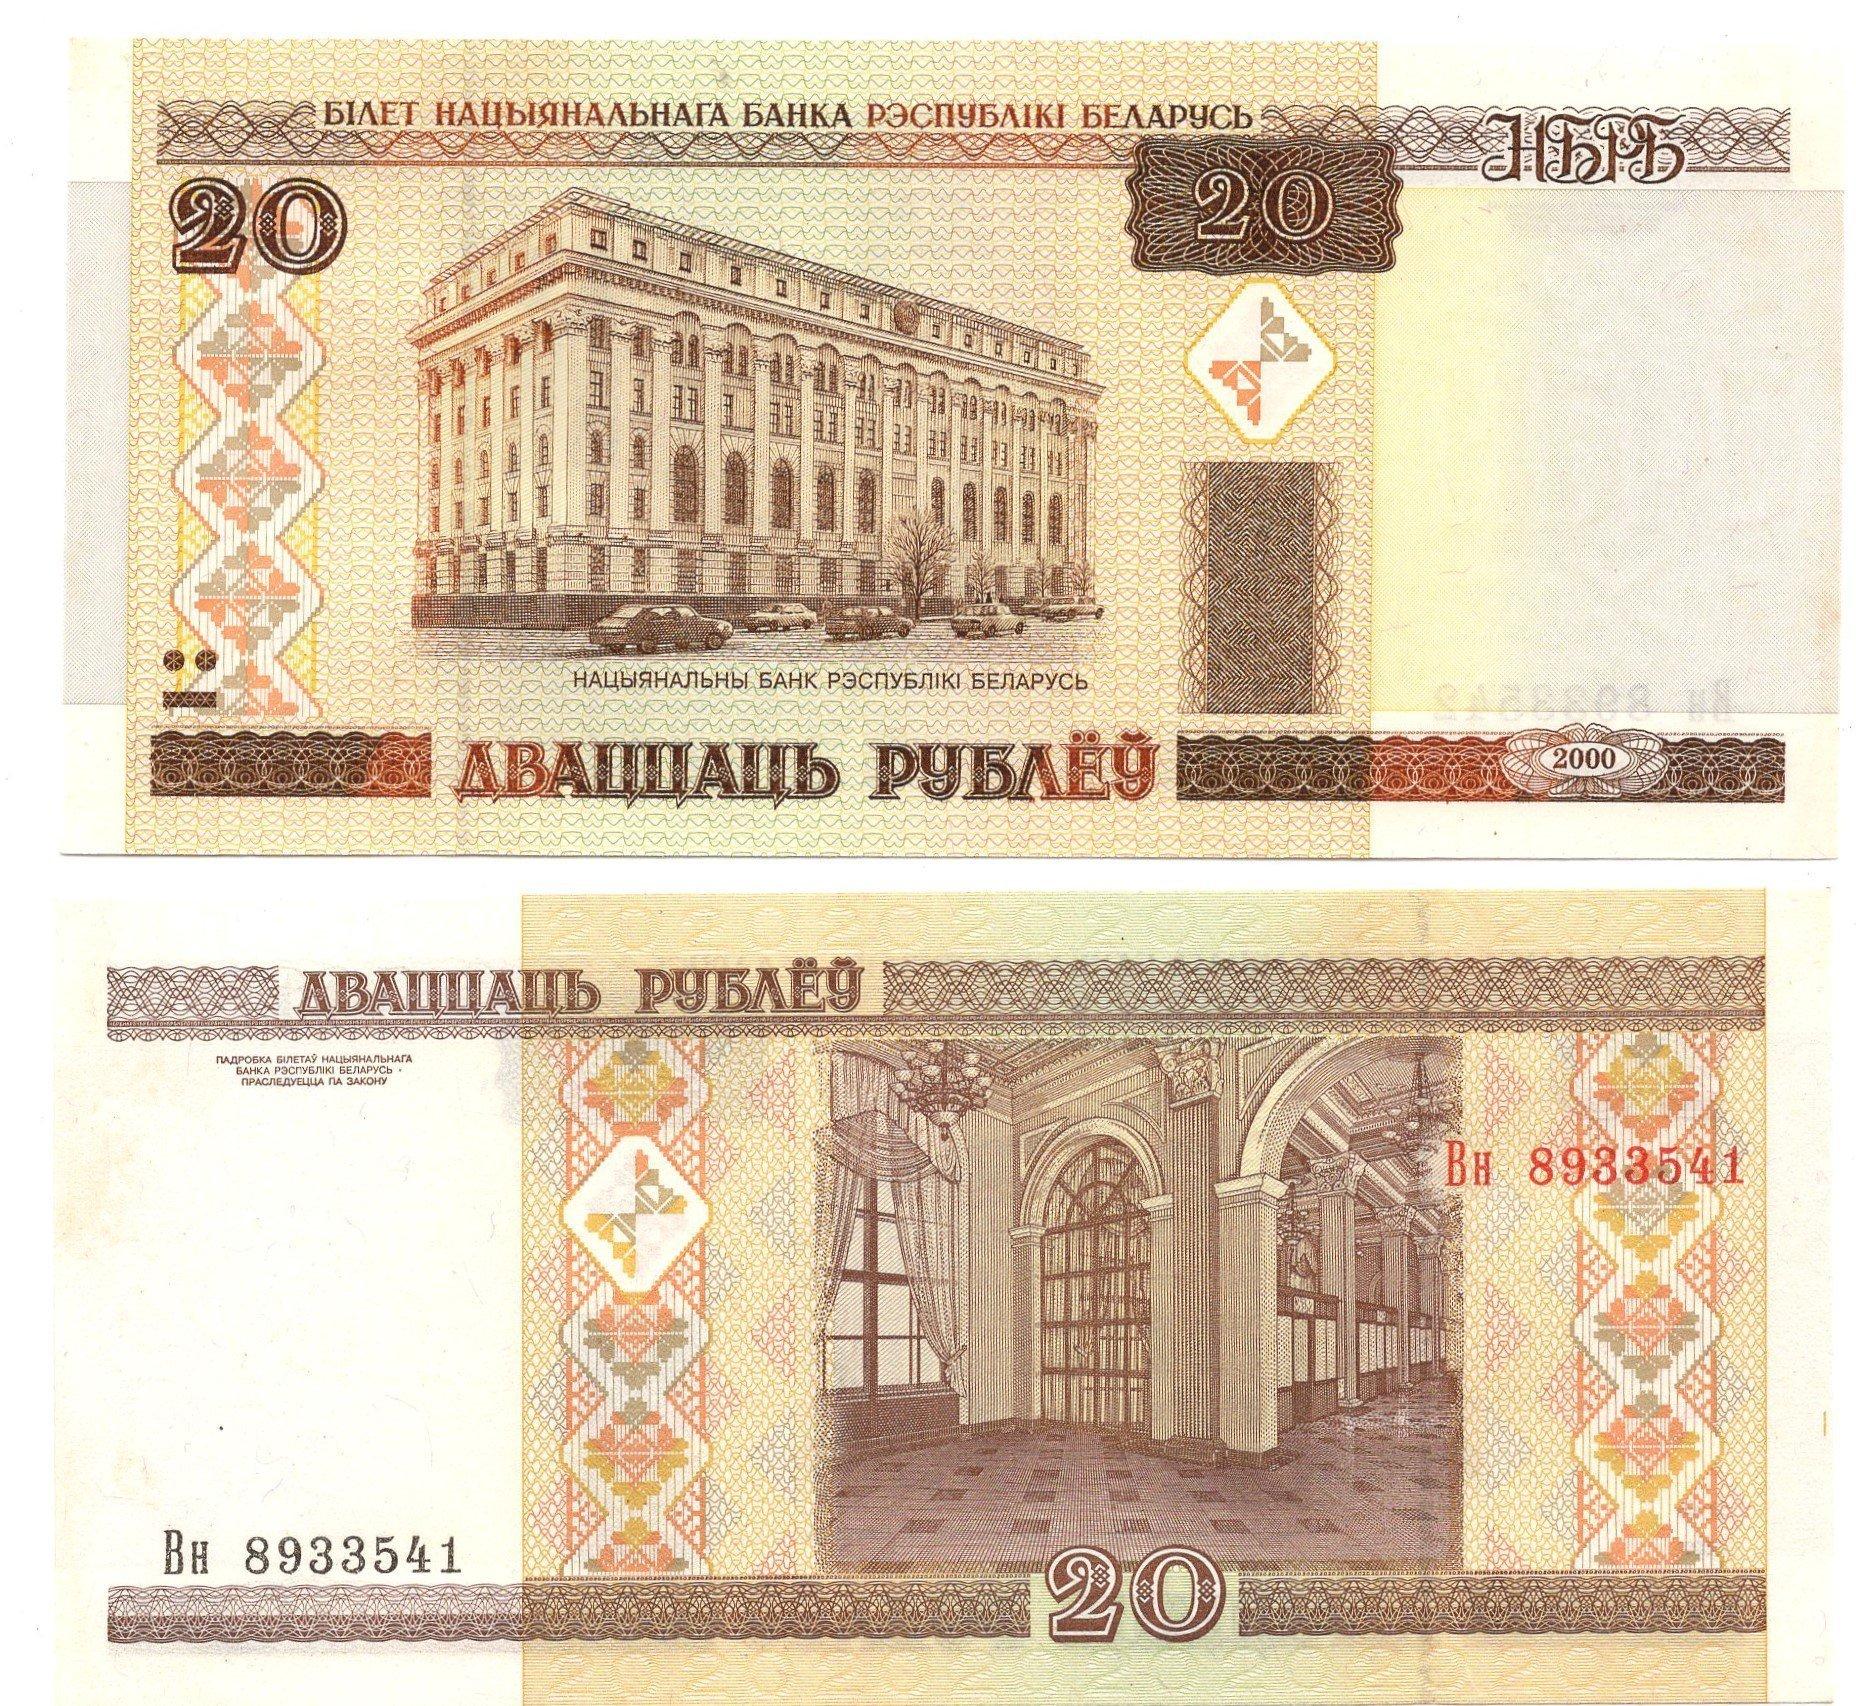 belarus 20 rublei 2000